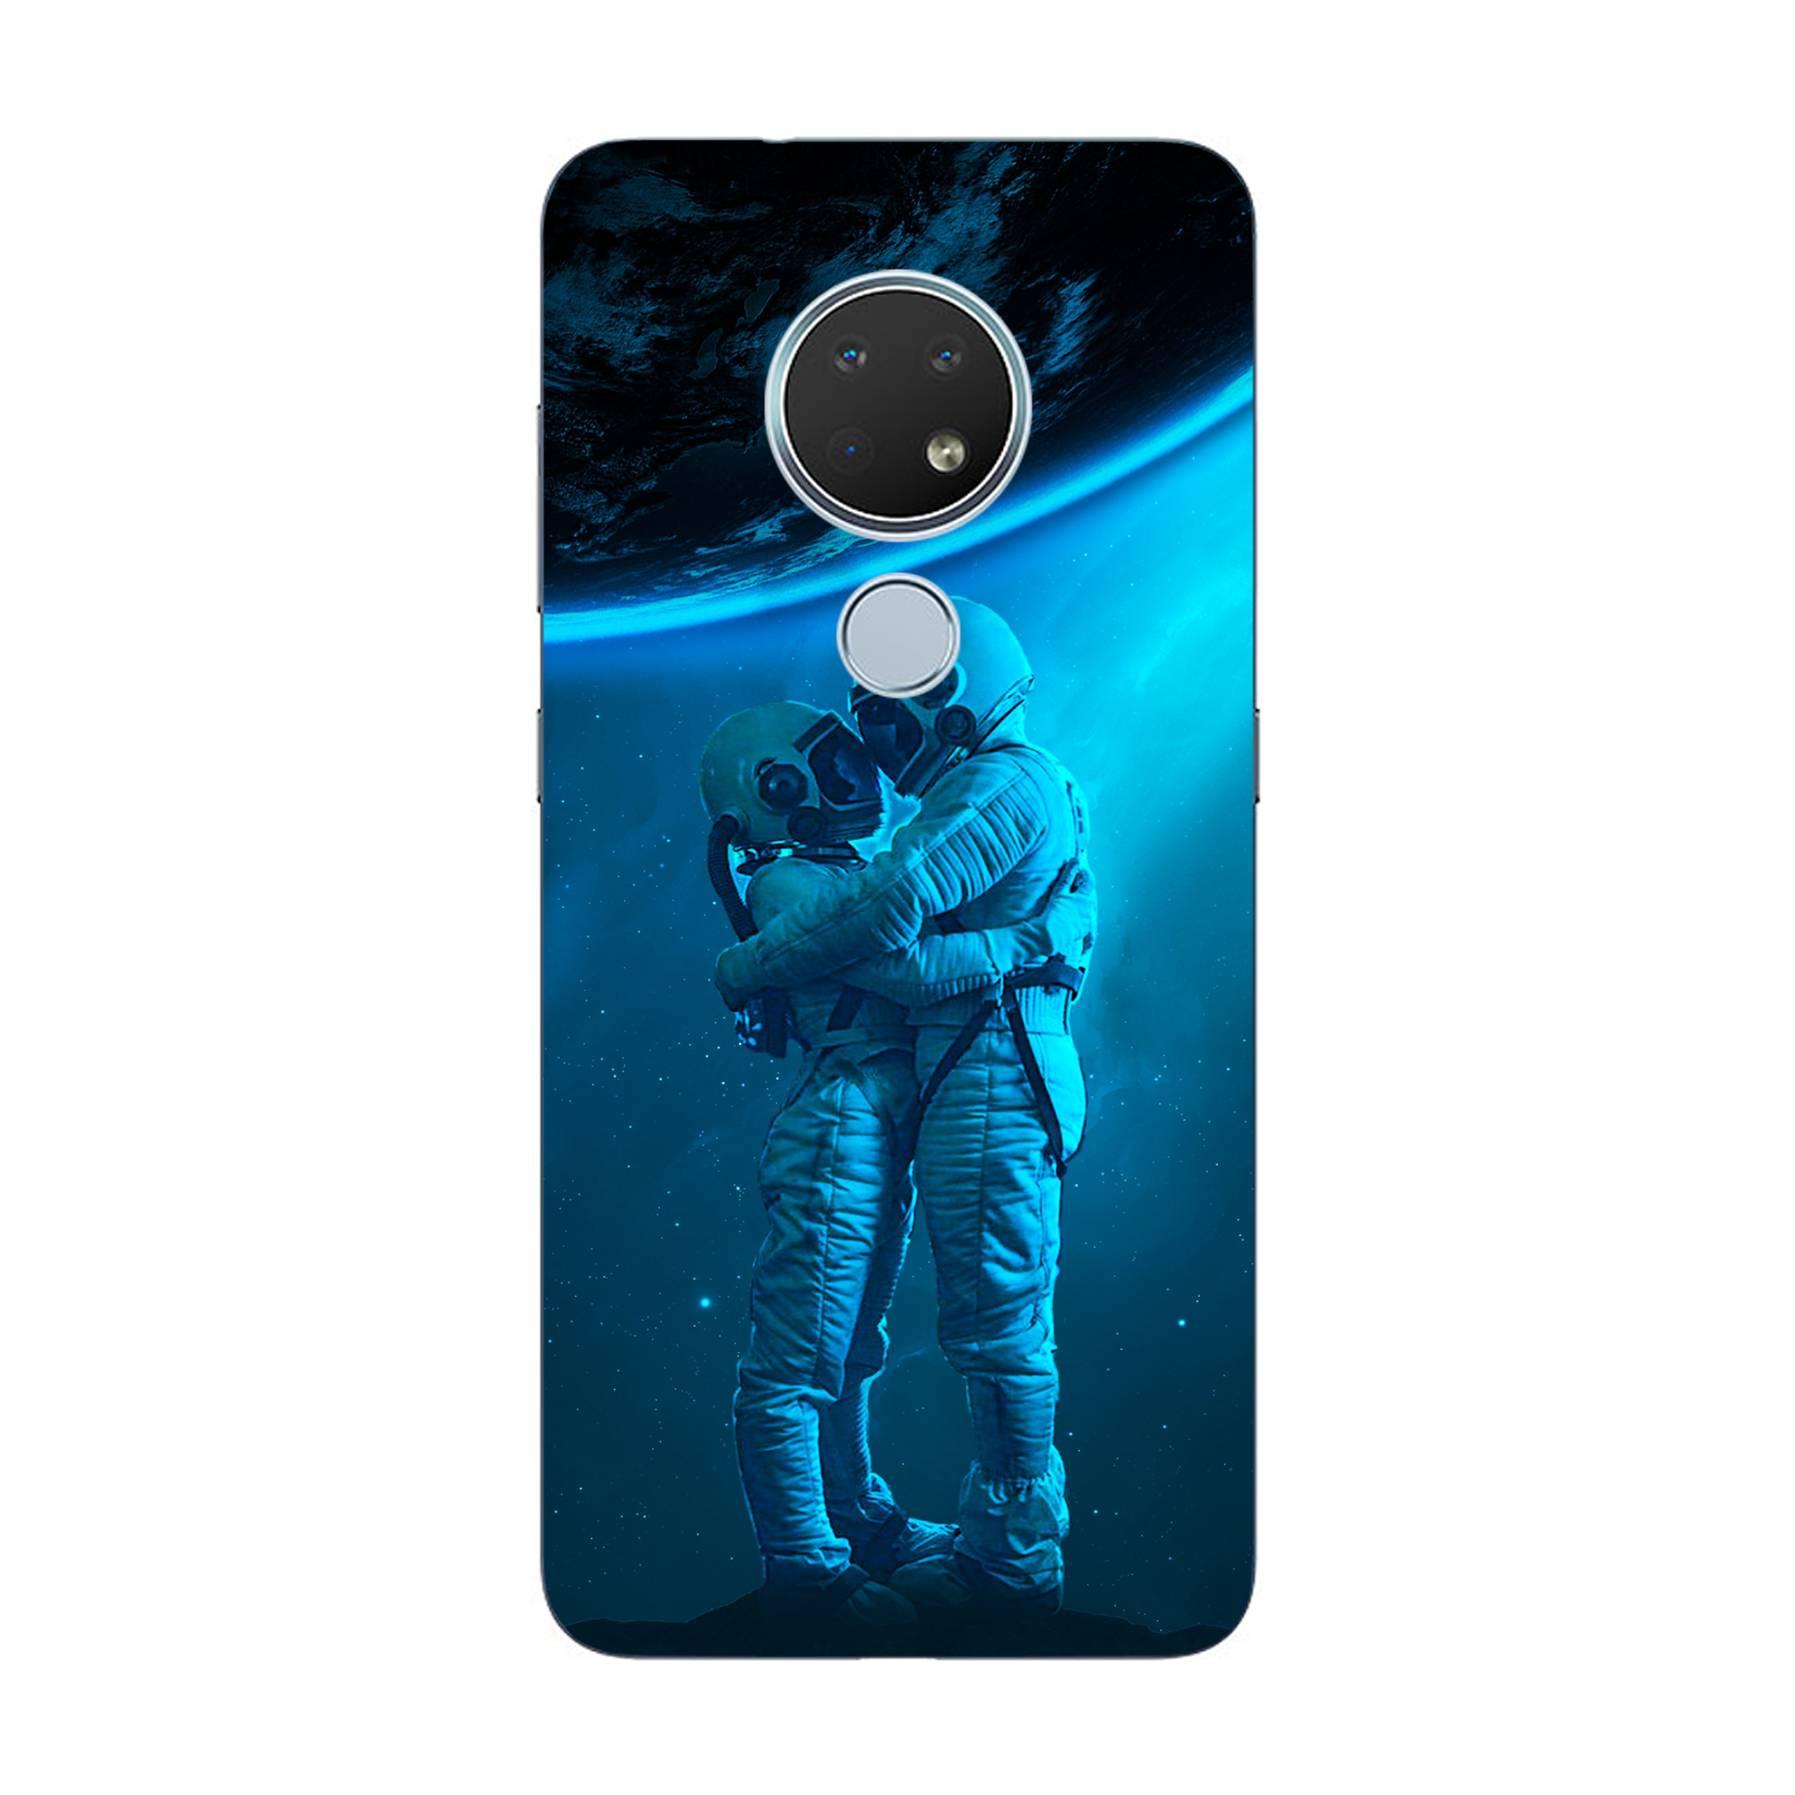 E-pic szilikon védő tok / hátlap - Szerelmes űrhajós pár mintás - NOKIA 6.2